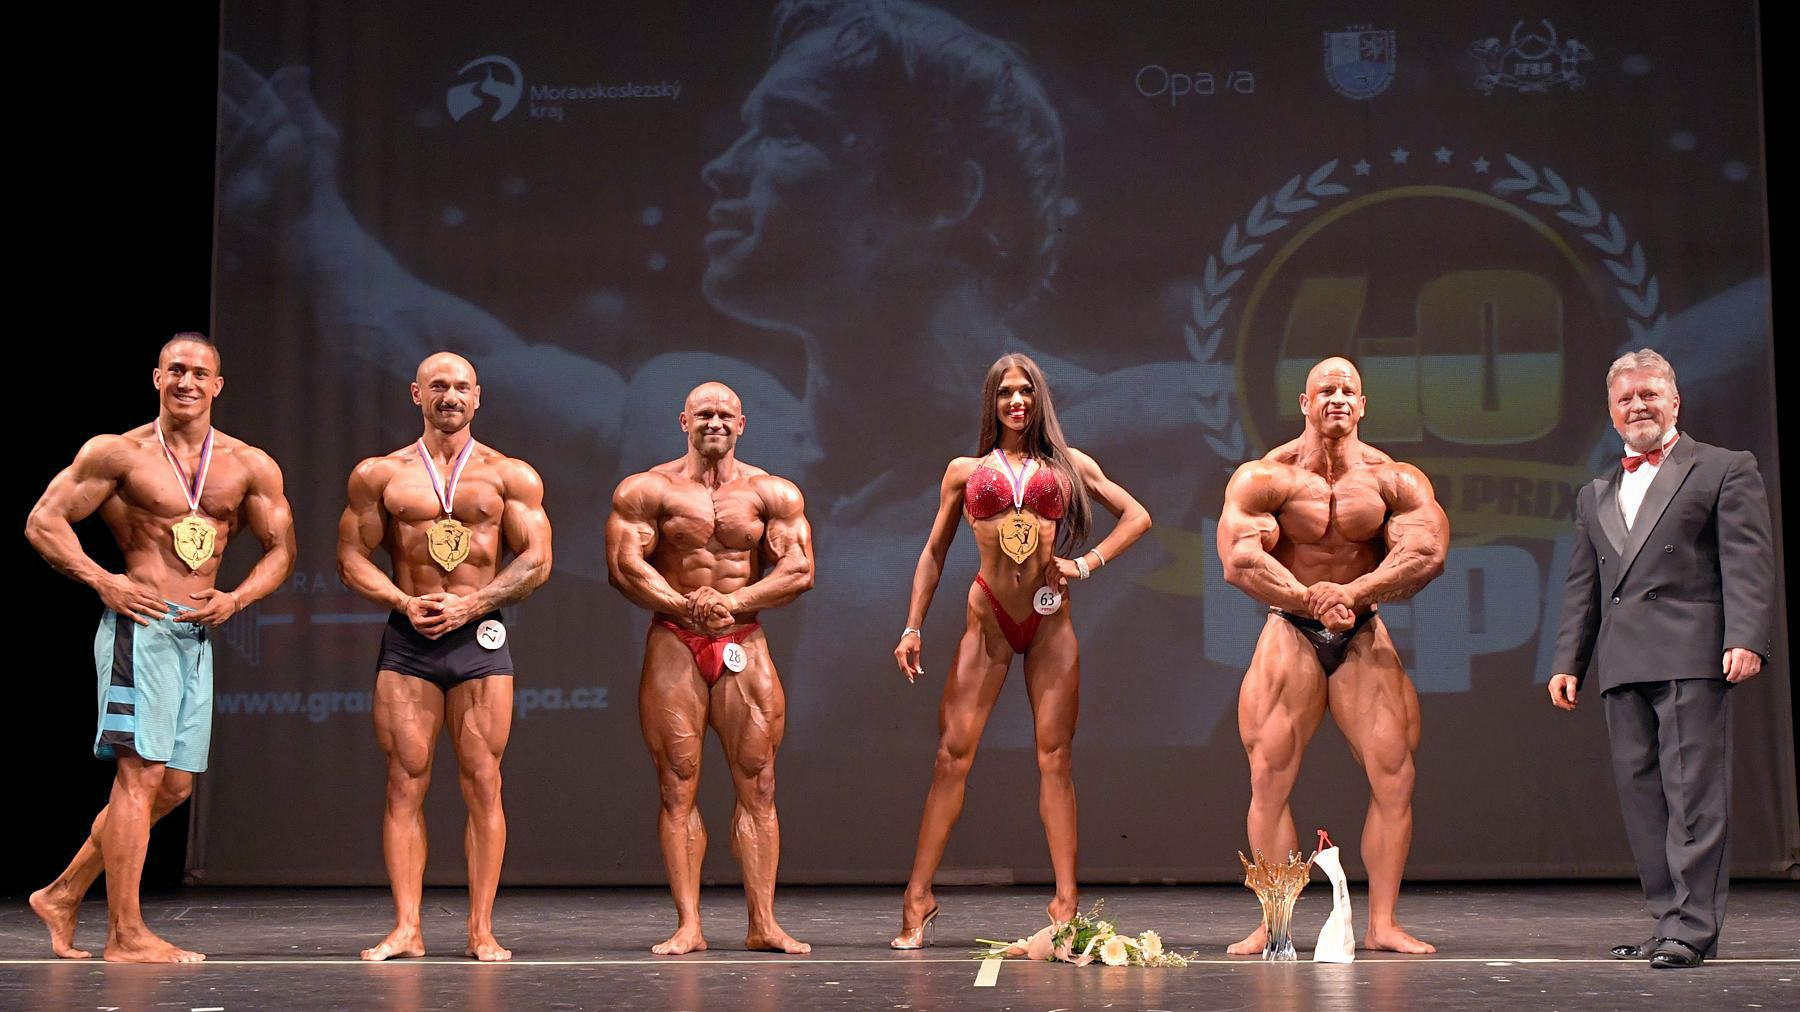 Grand Prix Pepa Opava 2018 vítězové foto: Zdeněk Dryák